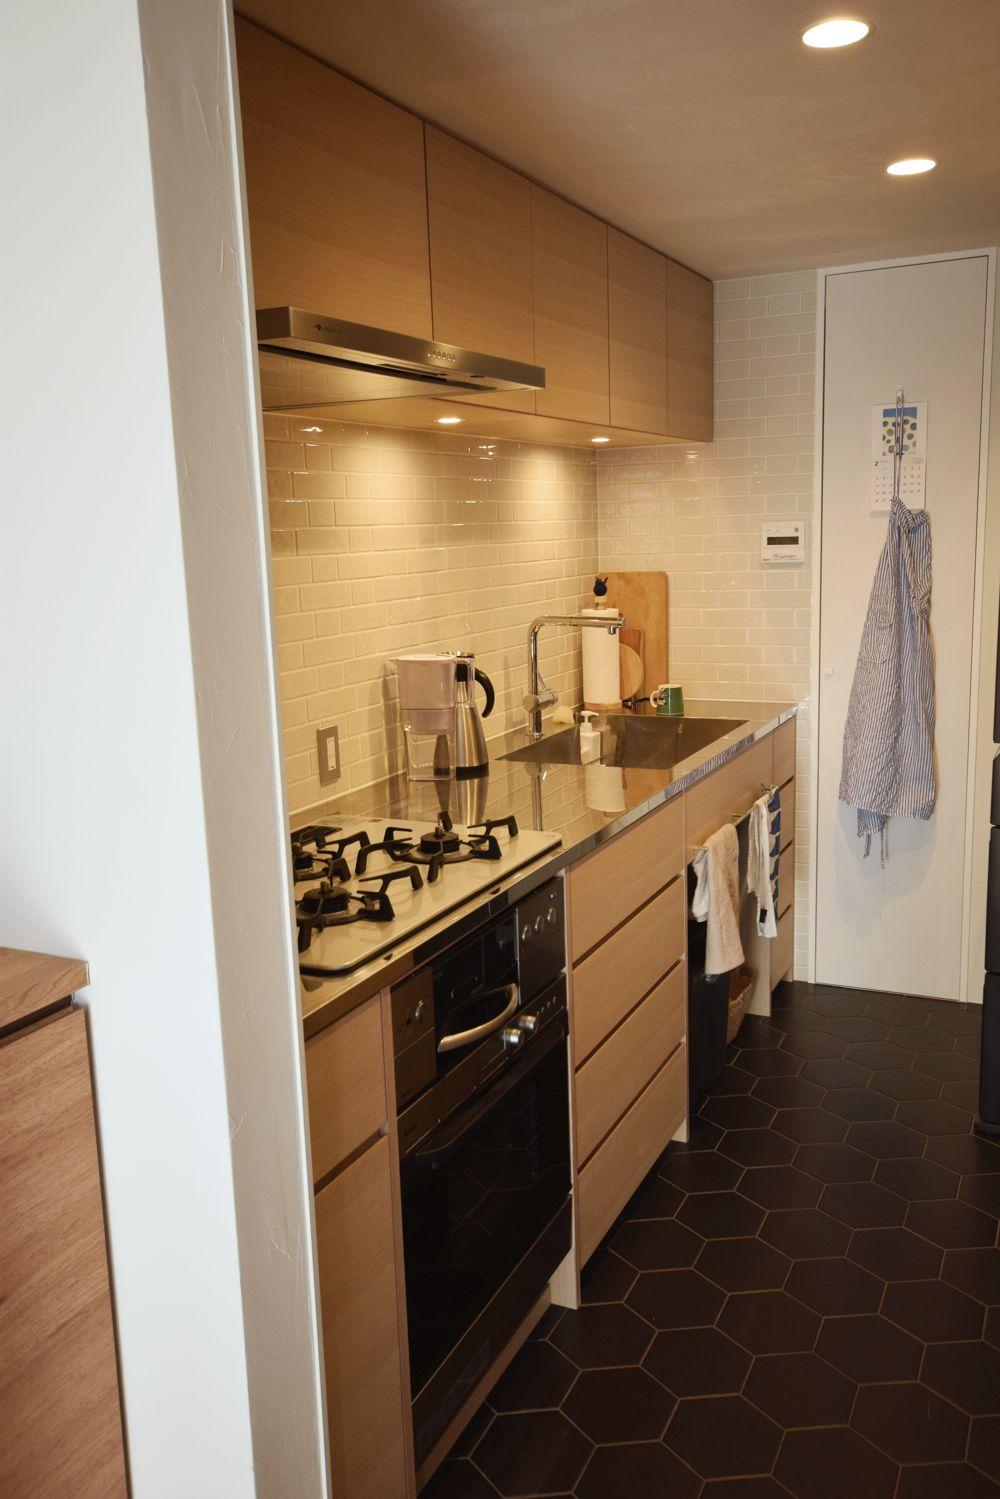 ステンレス400仕上げのカウンターとナラ柾を使ったキッチン